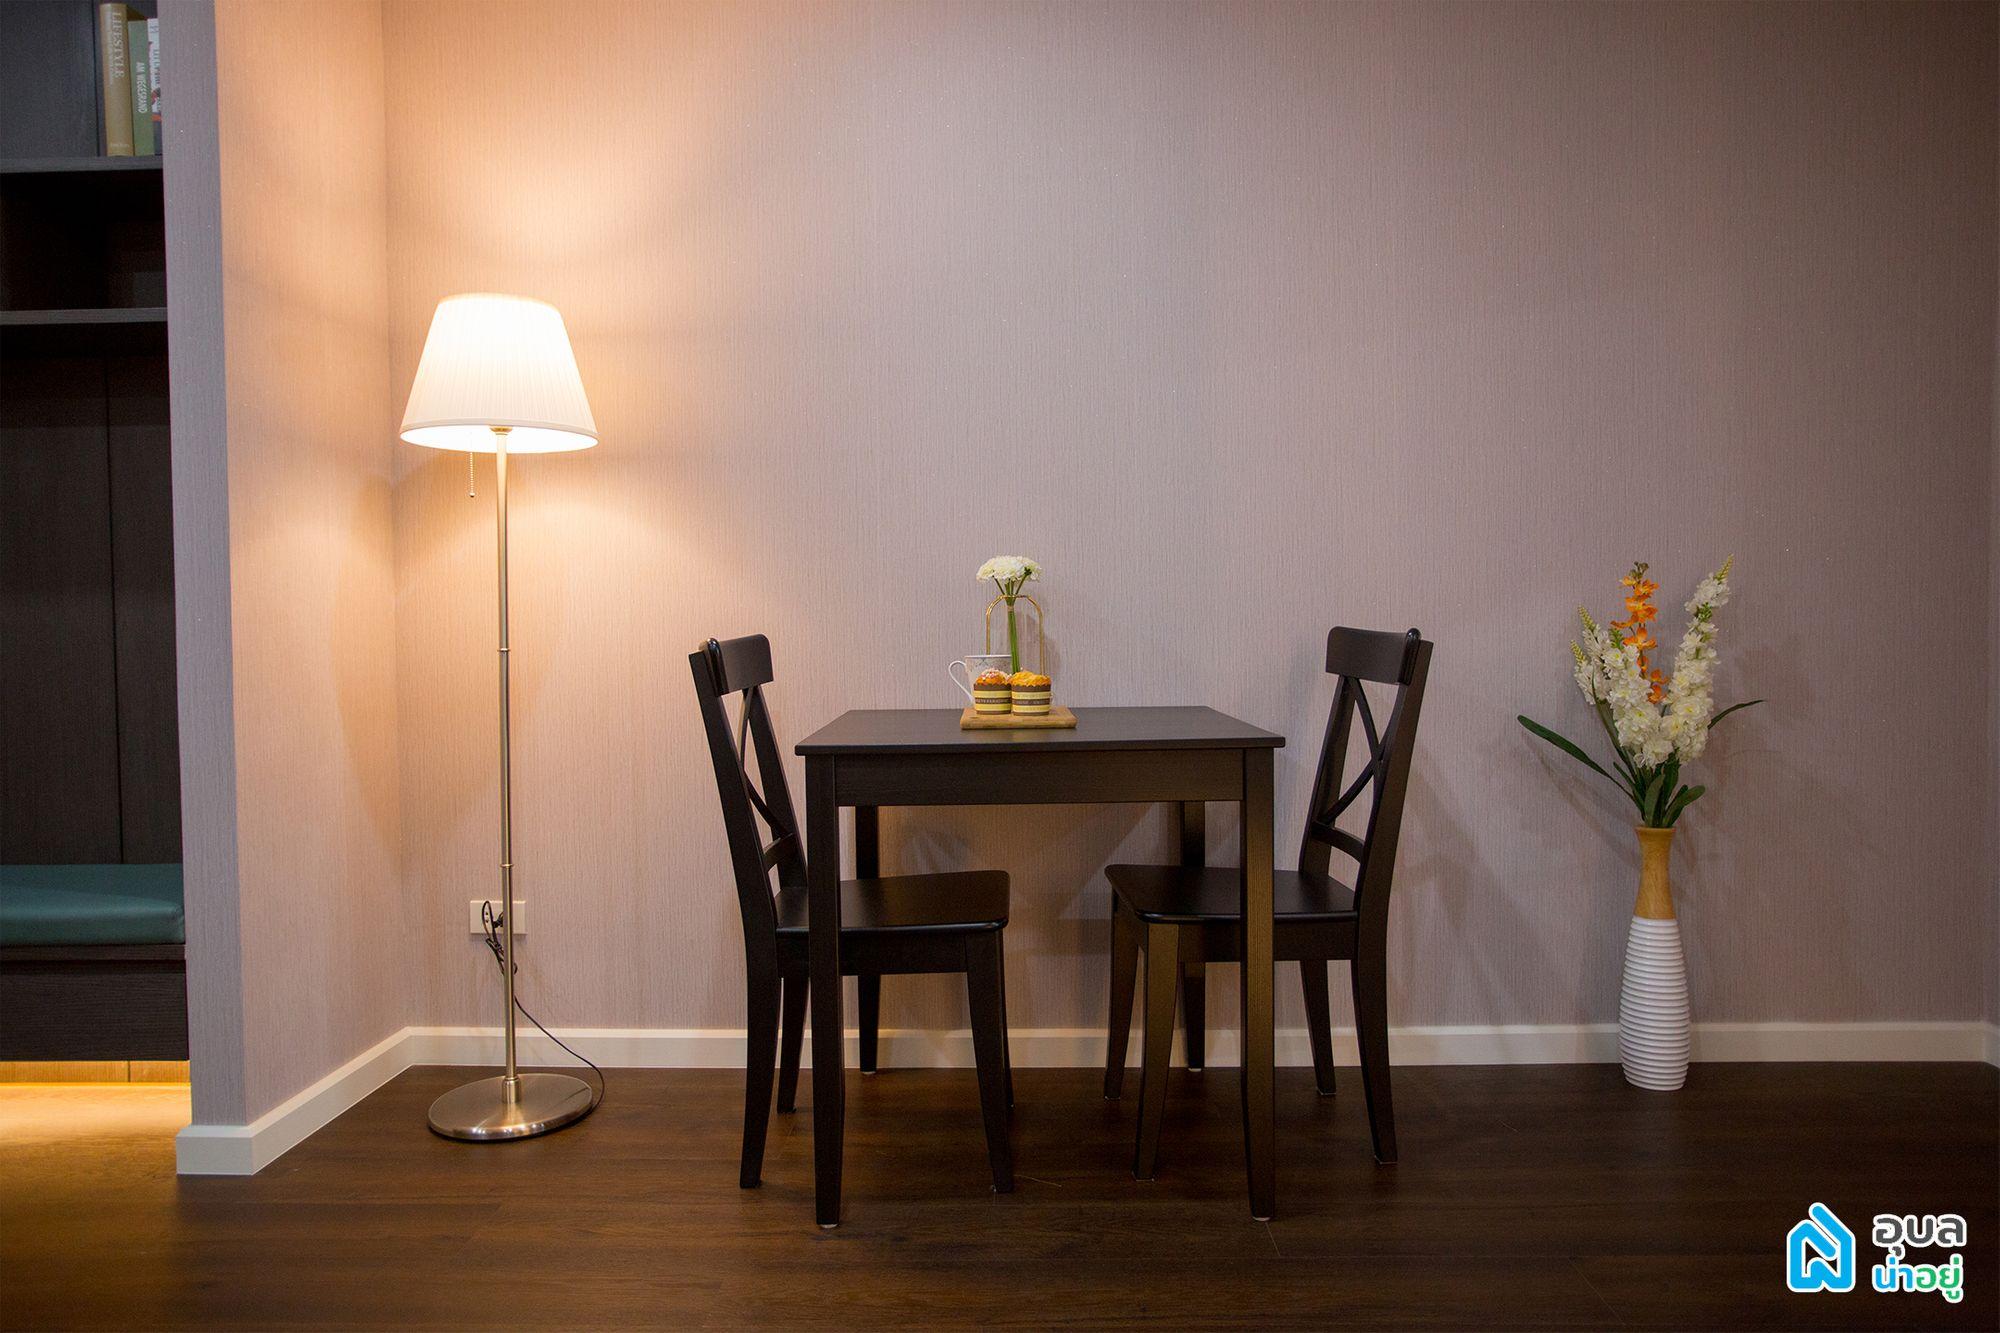 Penta P Residence - โซนรับประทานอาหาร(เล็ก)